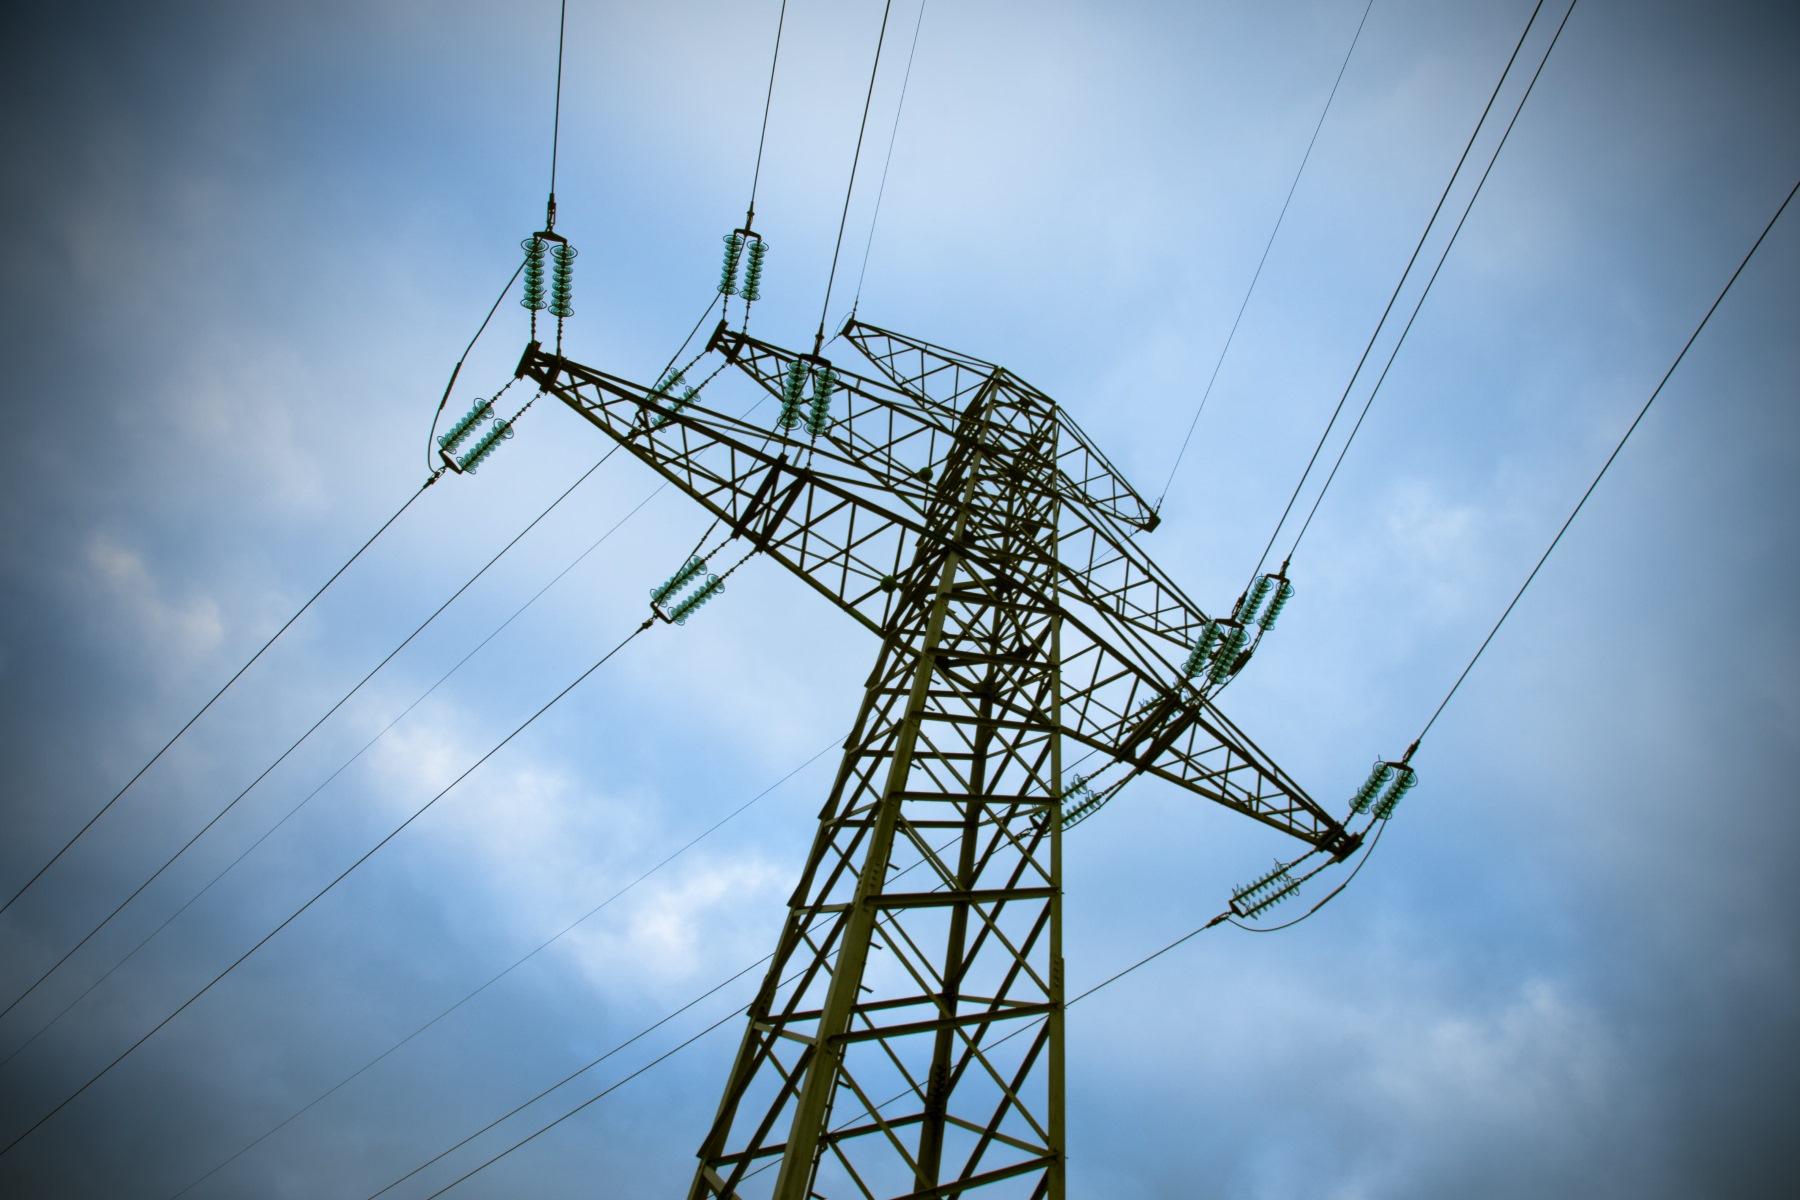 Tagesordnungsantrag | Freies Stromkontingent zur Entlastung der Haushalte